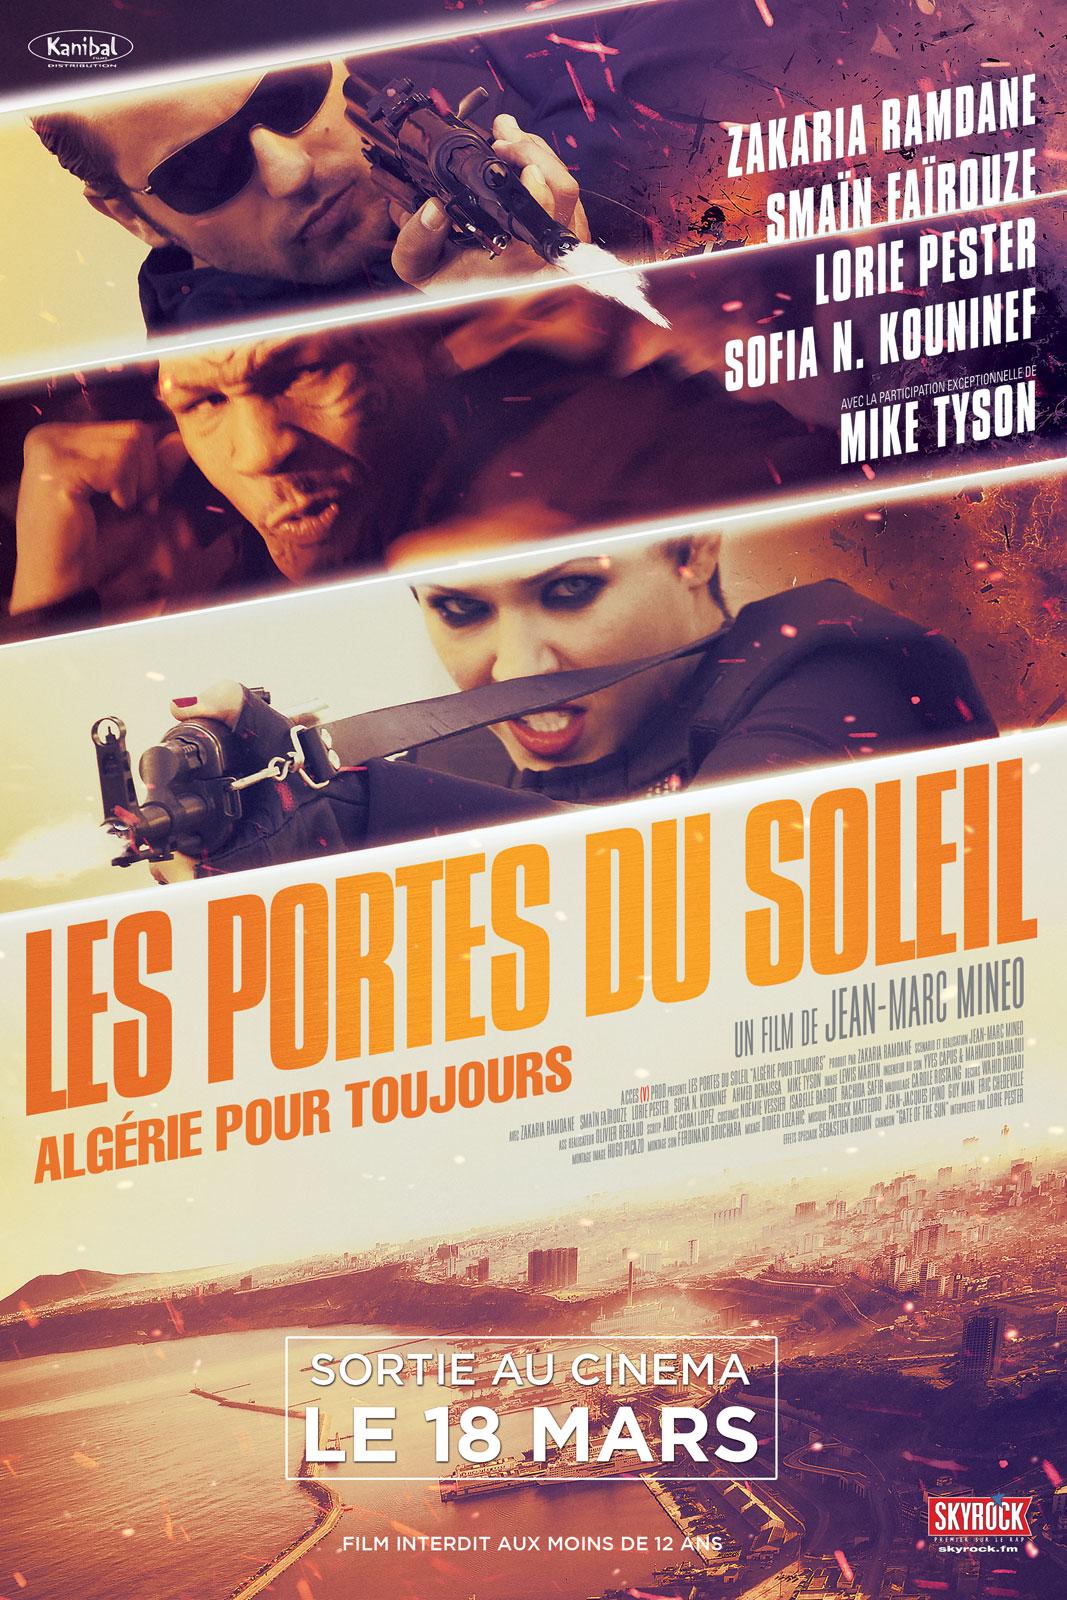 Les Portes du soleil – Algérie pour toujours